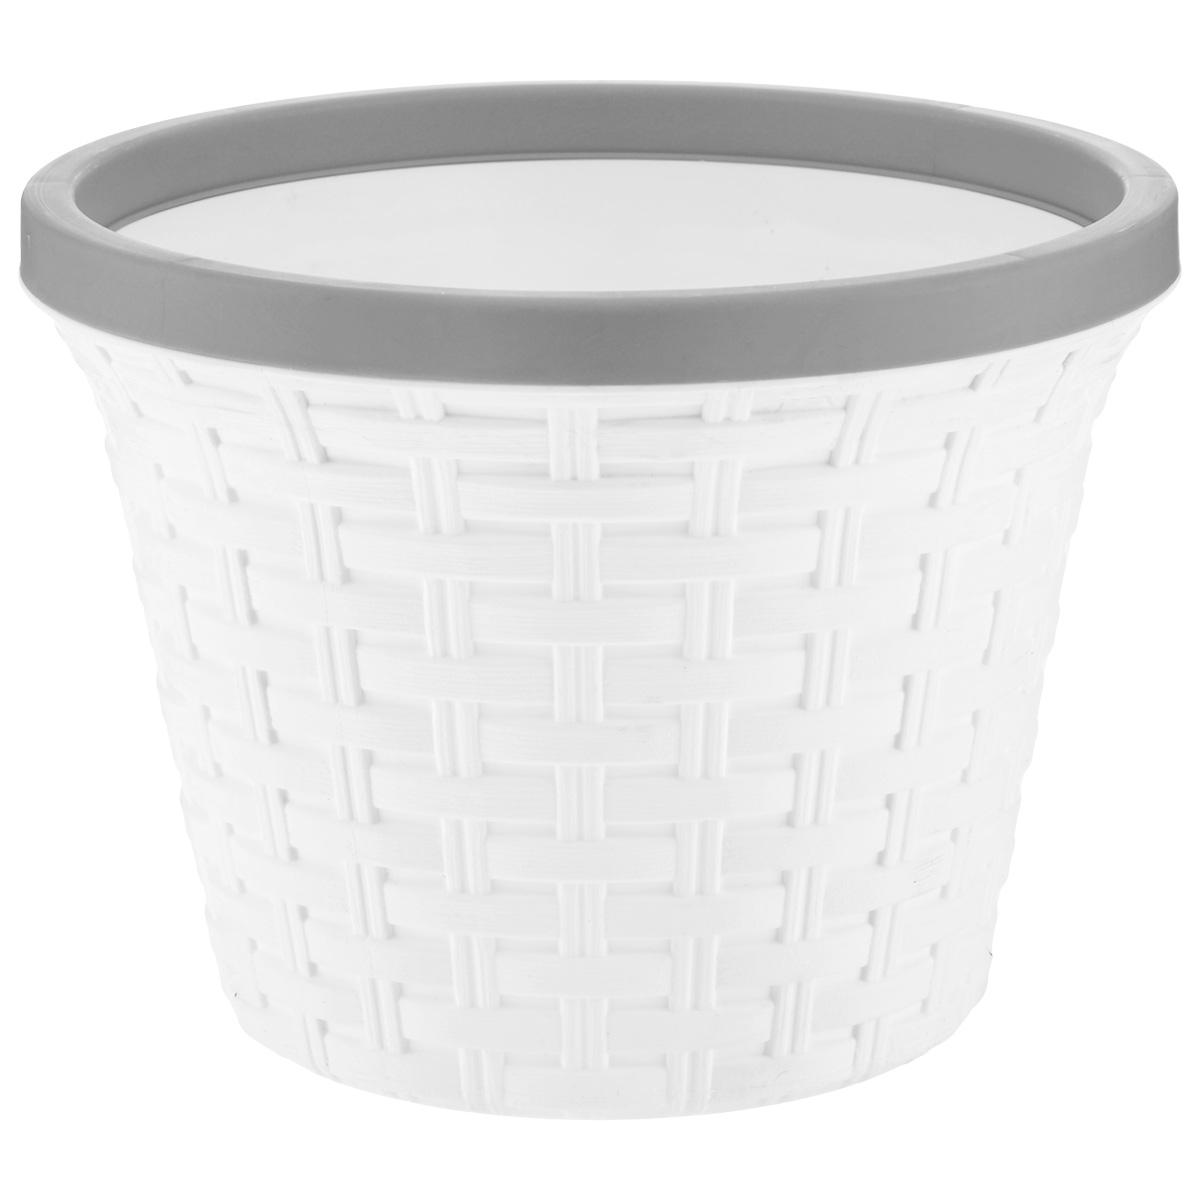 Кашпо Violet Ротанг, с дренажной системой, цвет: белый, 8,8 л32880/6Кашпо Violet Ротанг изготовлено из высококачественного пластика и оснащено дренажной системой для быстрого отведения избытка воды при поливе. Изделие прекрасно подходит для выращивания растений и цветов в домашних условиях. Лаконичный дизайн впишется в интерьер любого помещения.Объем: 8,8 л.